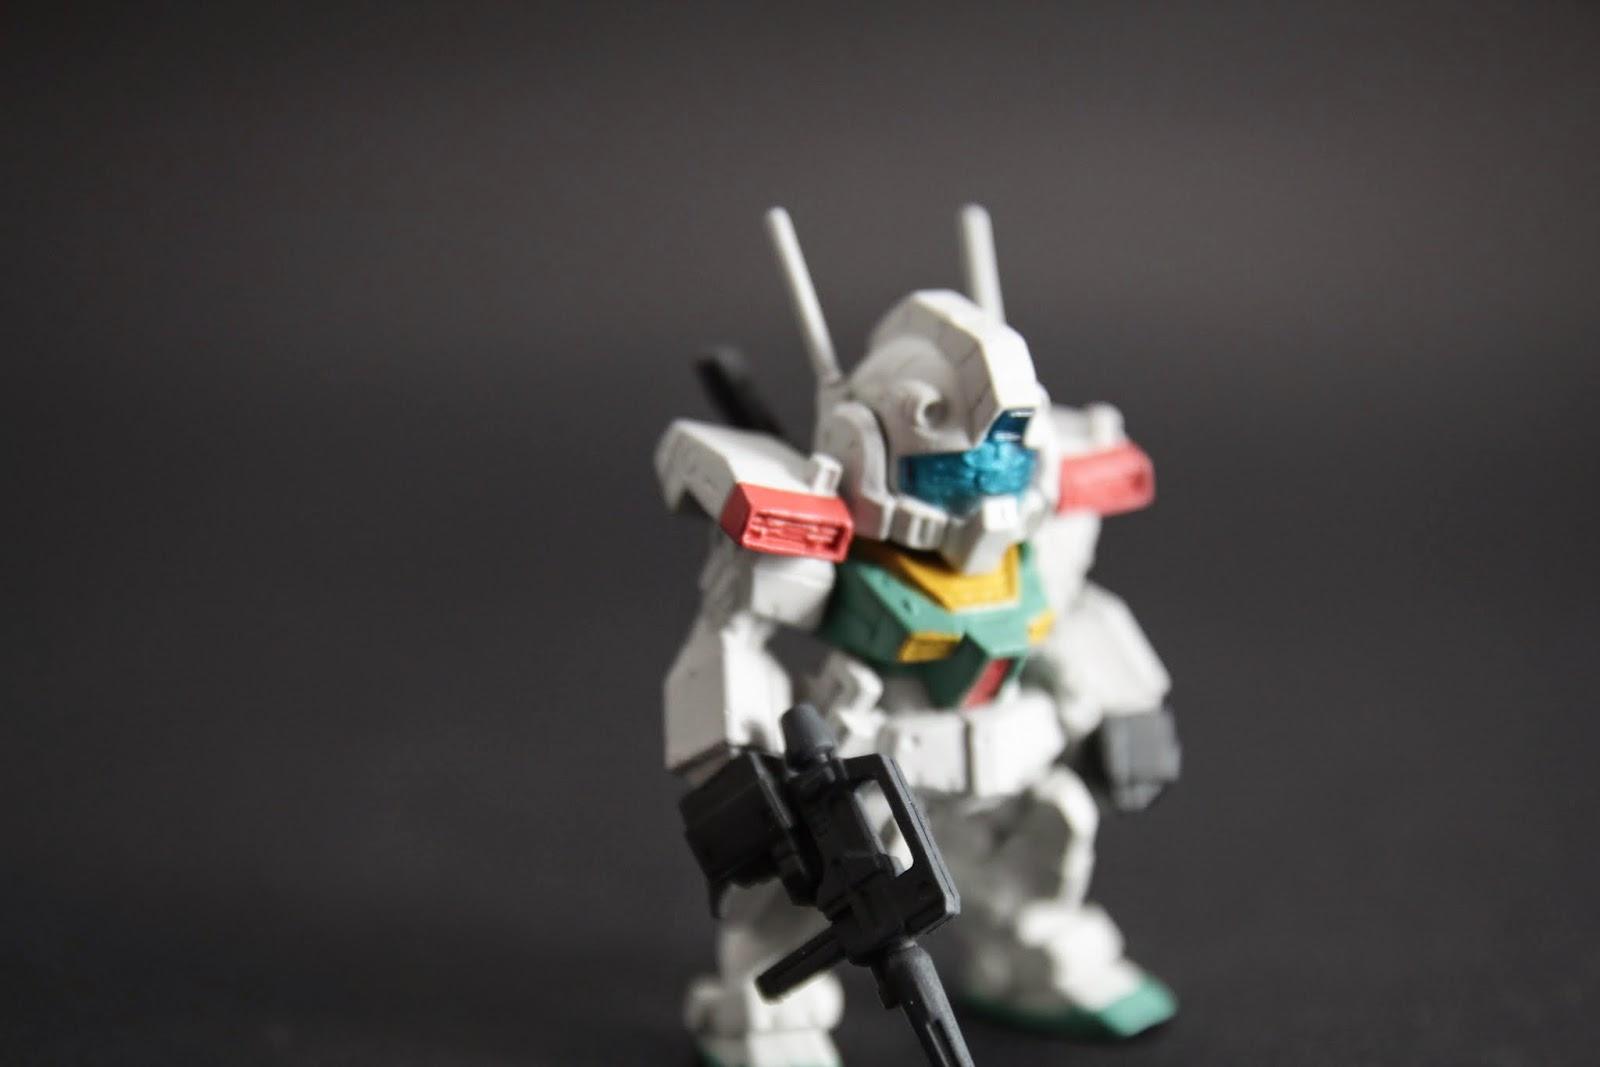 兩肩有飛彈匣艙 通常在各系列還來不及發幾發就被爆了